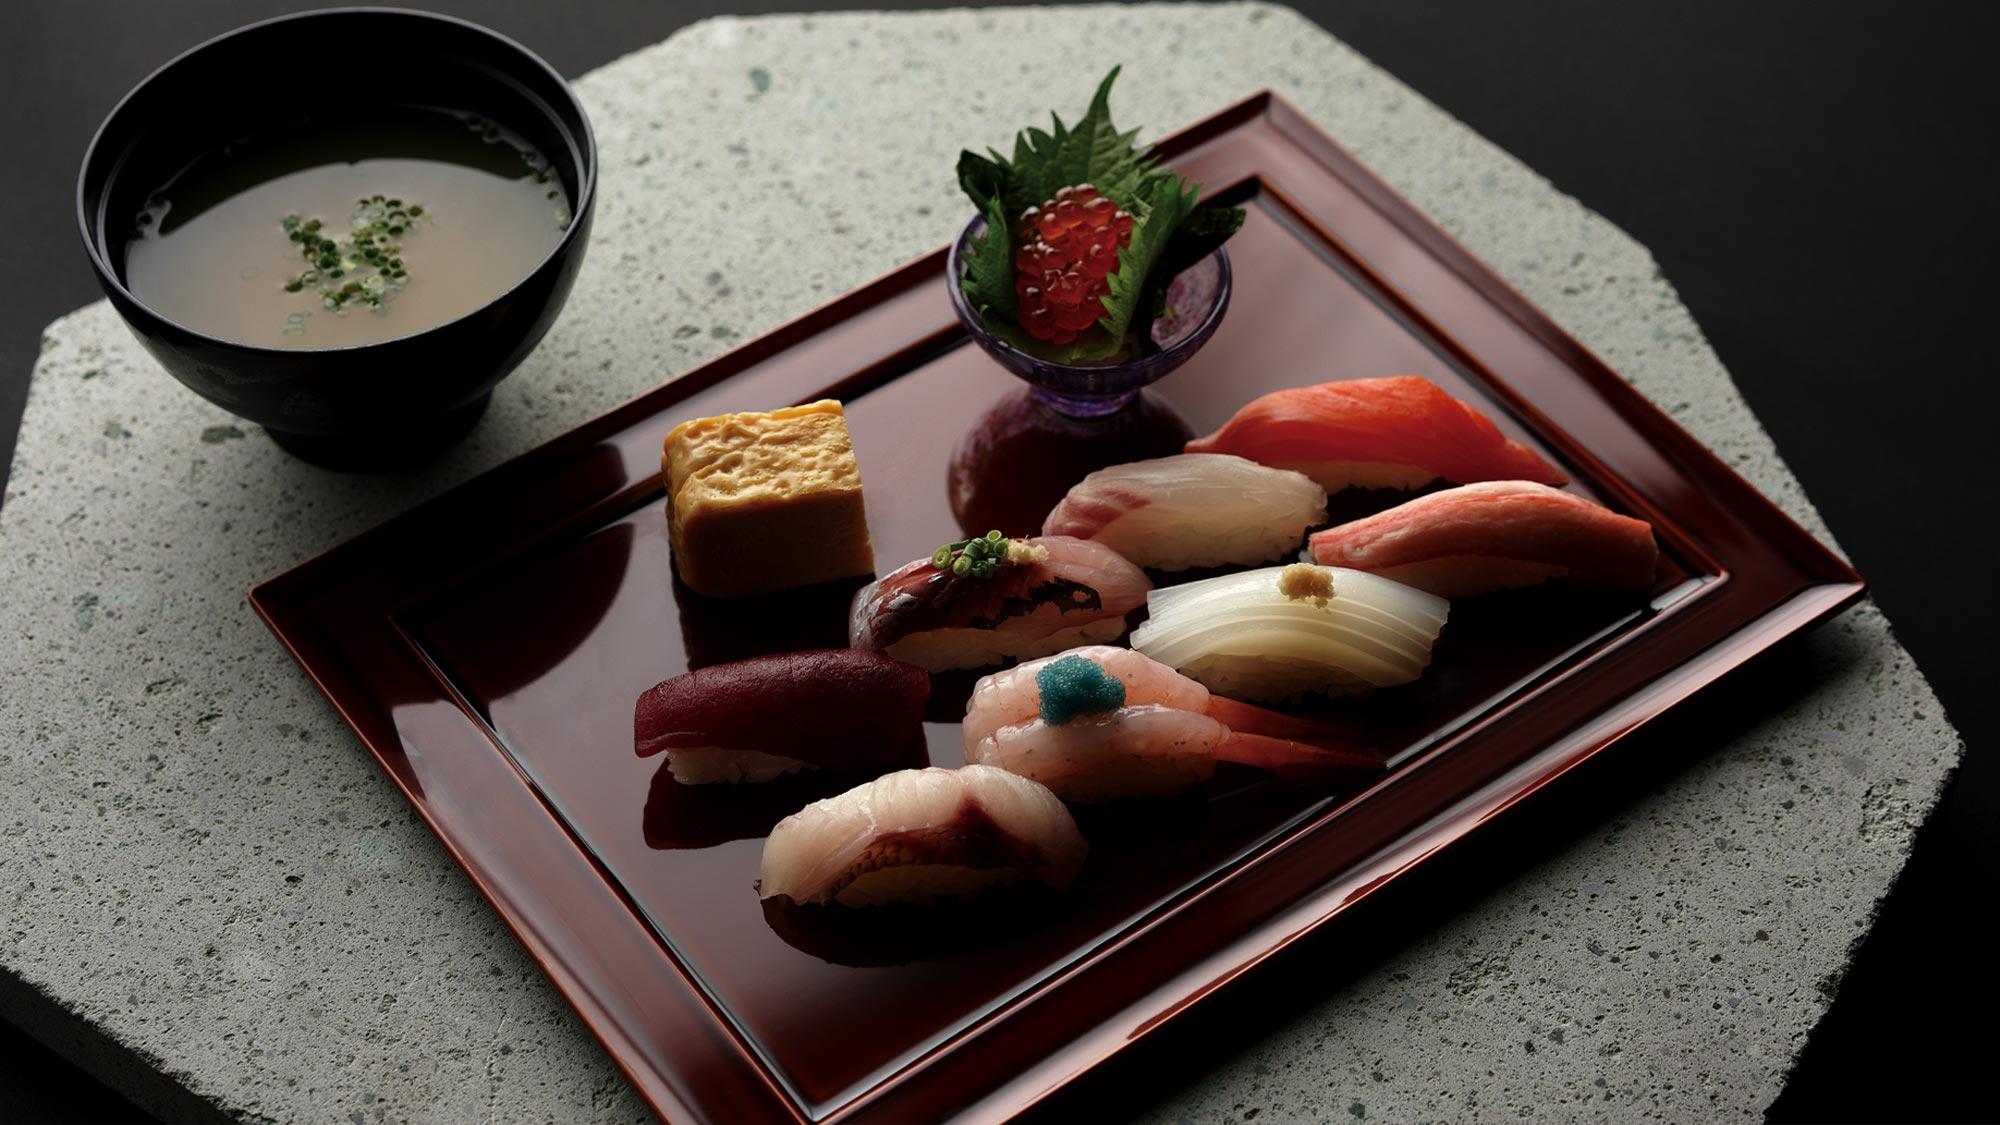 鮨 風和利のMENU Fuwari Hyakuban Sushiの画像です。